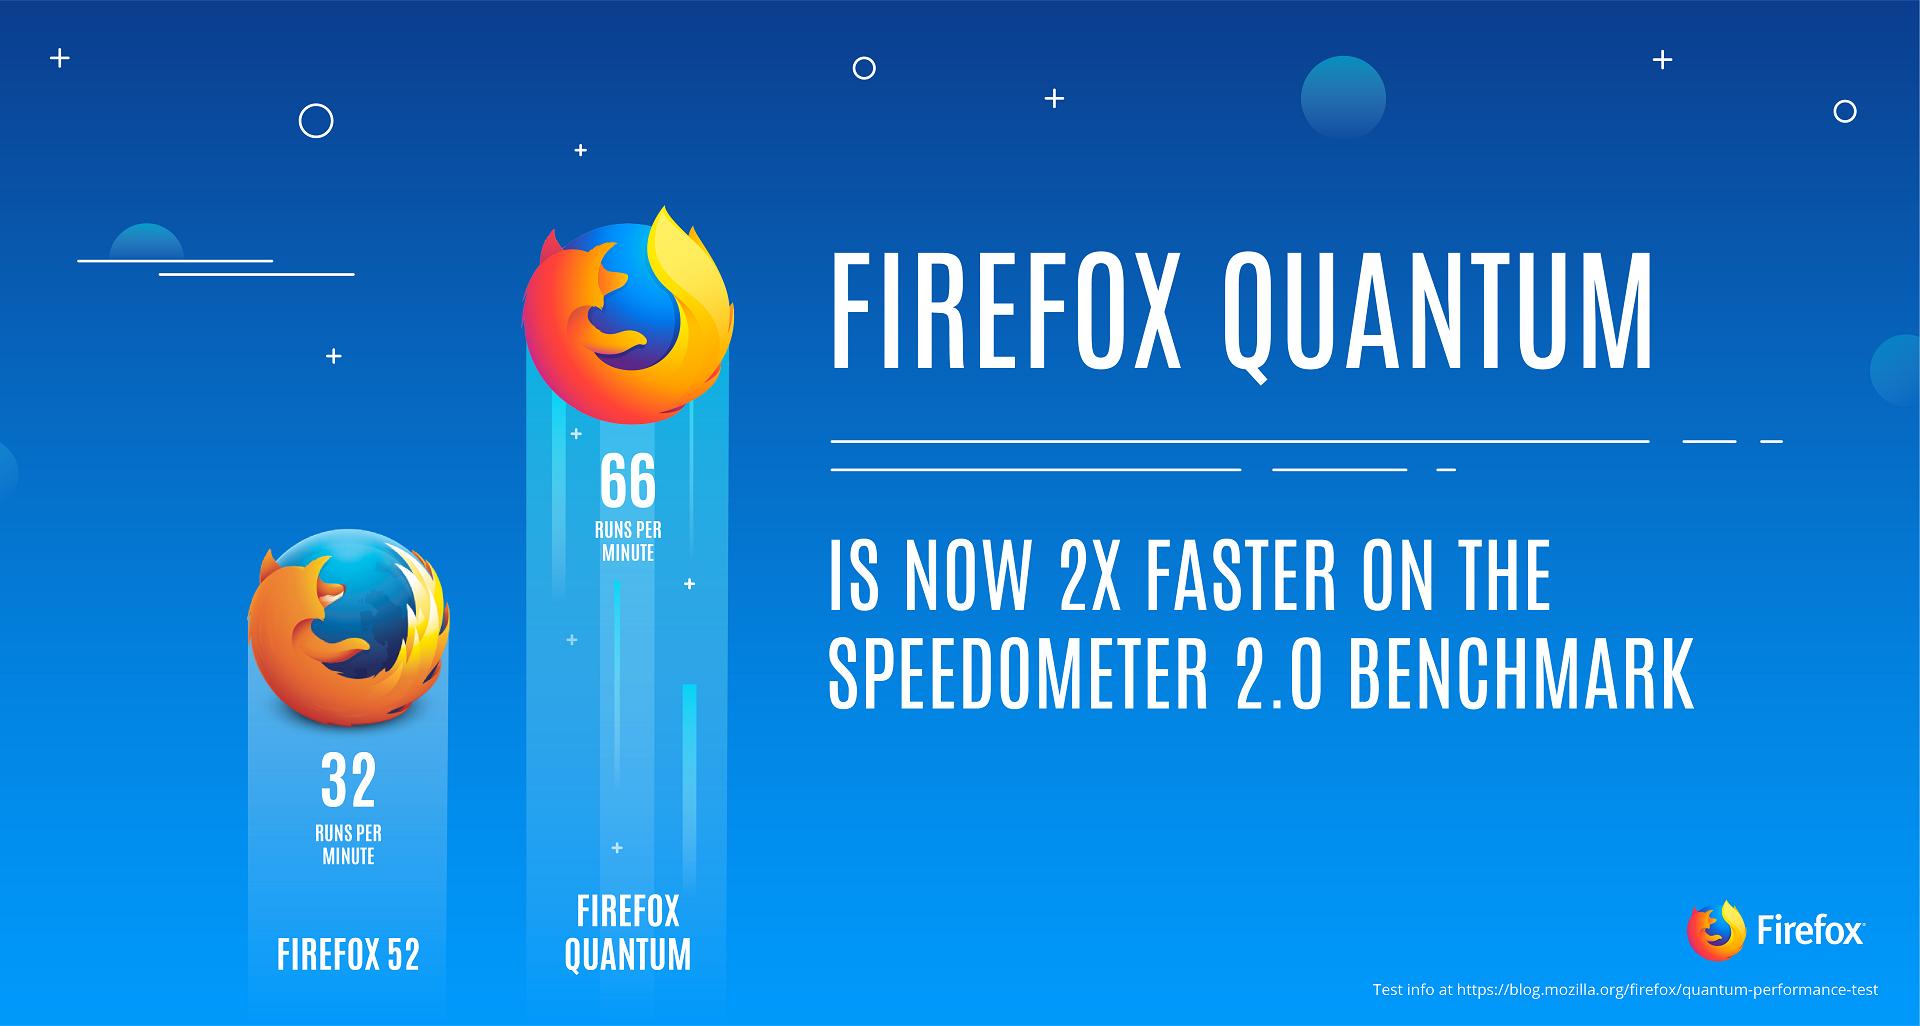 Бета-версия браузера Firefox Quantum обещает 2-кратный прирост быстродействия